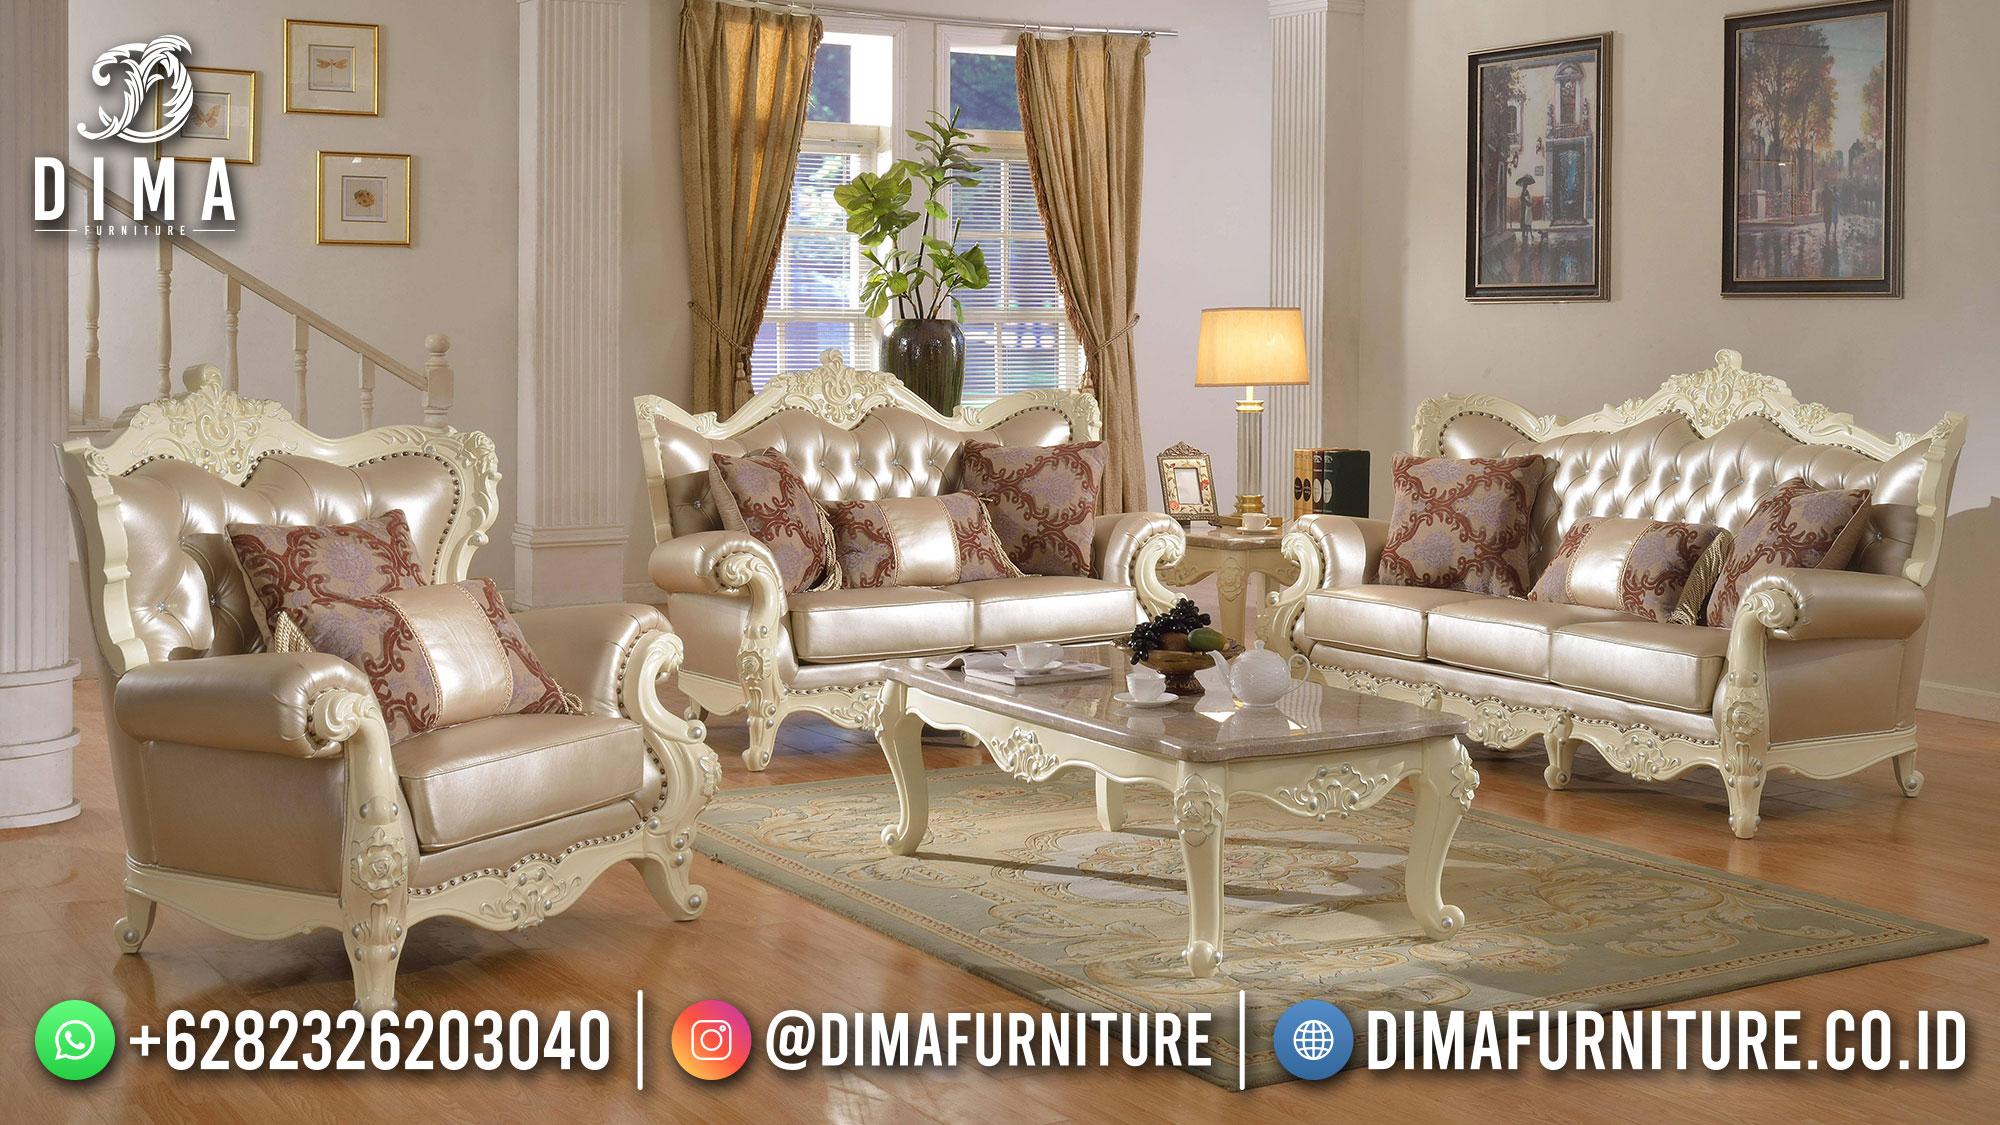 Classic Imperial Desain Sofa Tamu Mewah Jepara Luxury Great Quality ST-1444